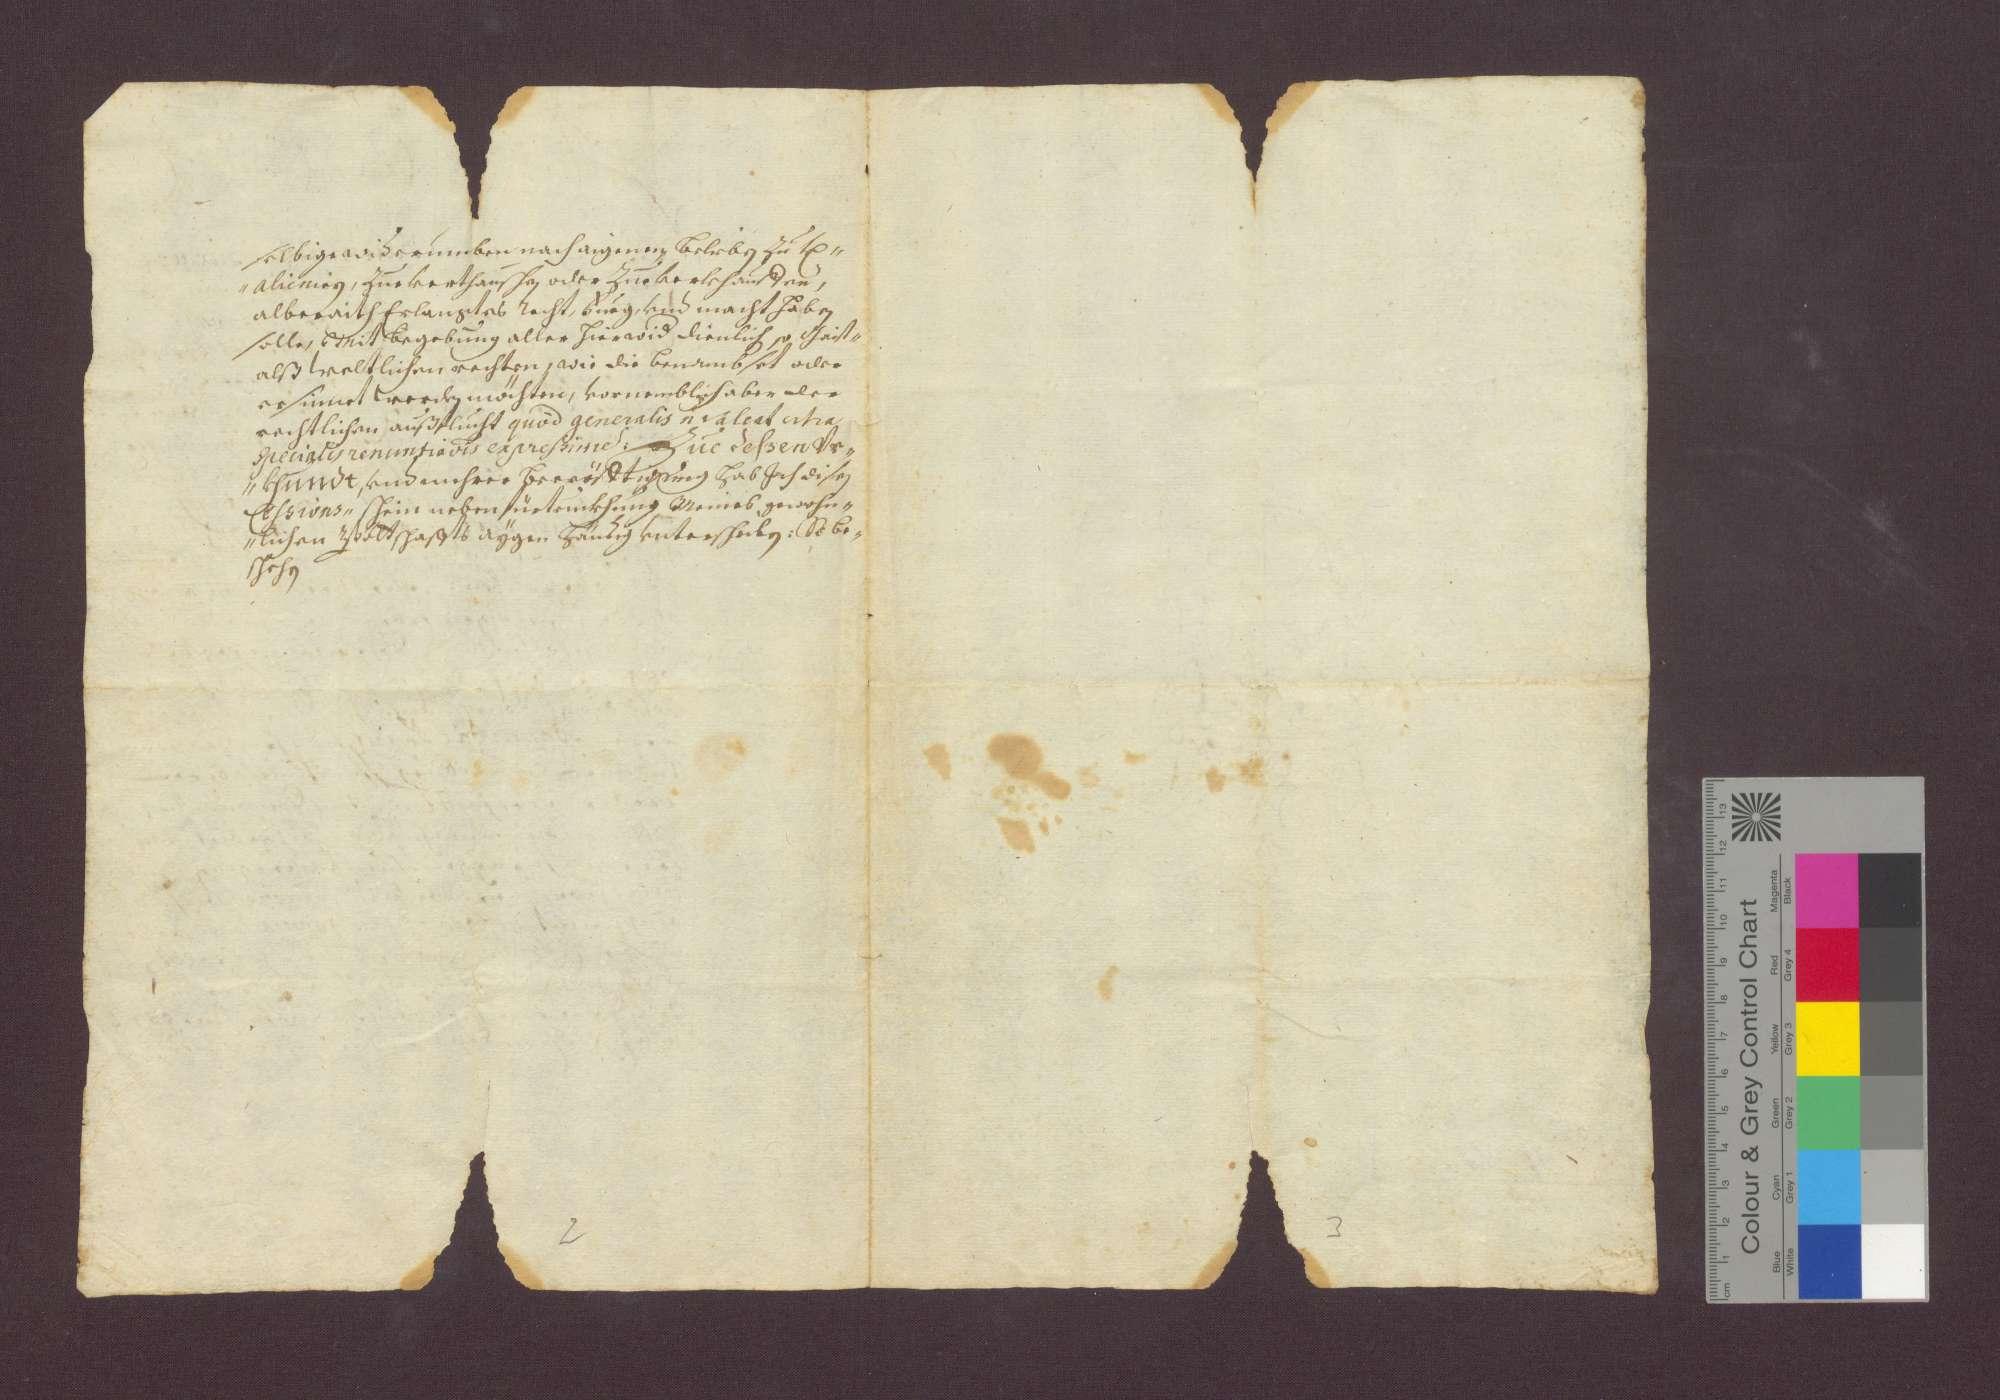 Johann Jakob Baumeister zu Kirchhofen überlässt eine Schuldforderung an das Domkapitel an den Grafen Hannibal Franz von Schauenburg., Bild 2